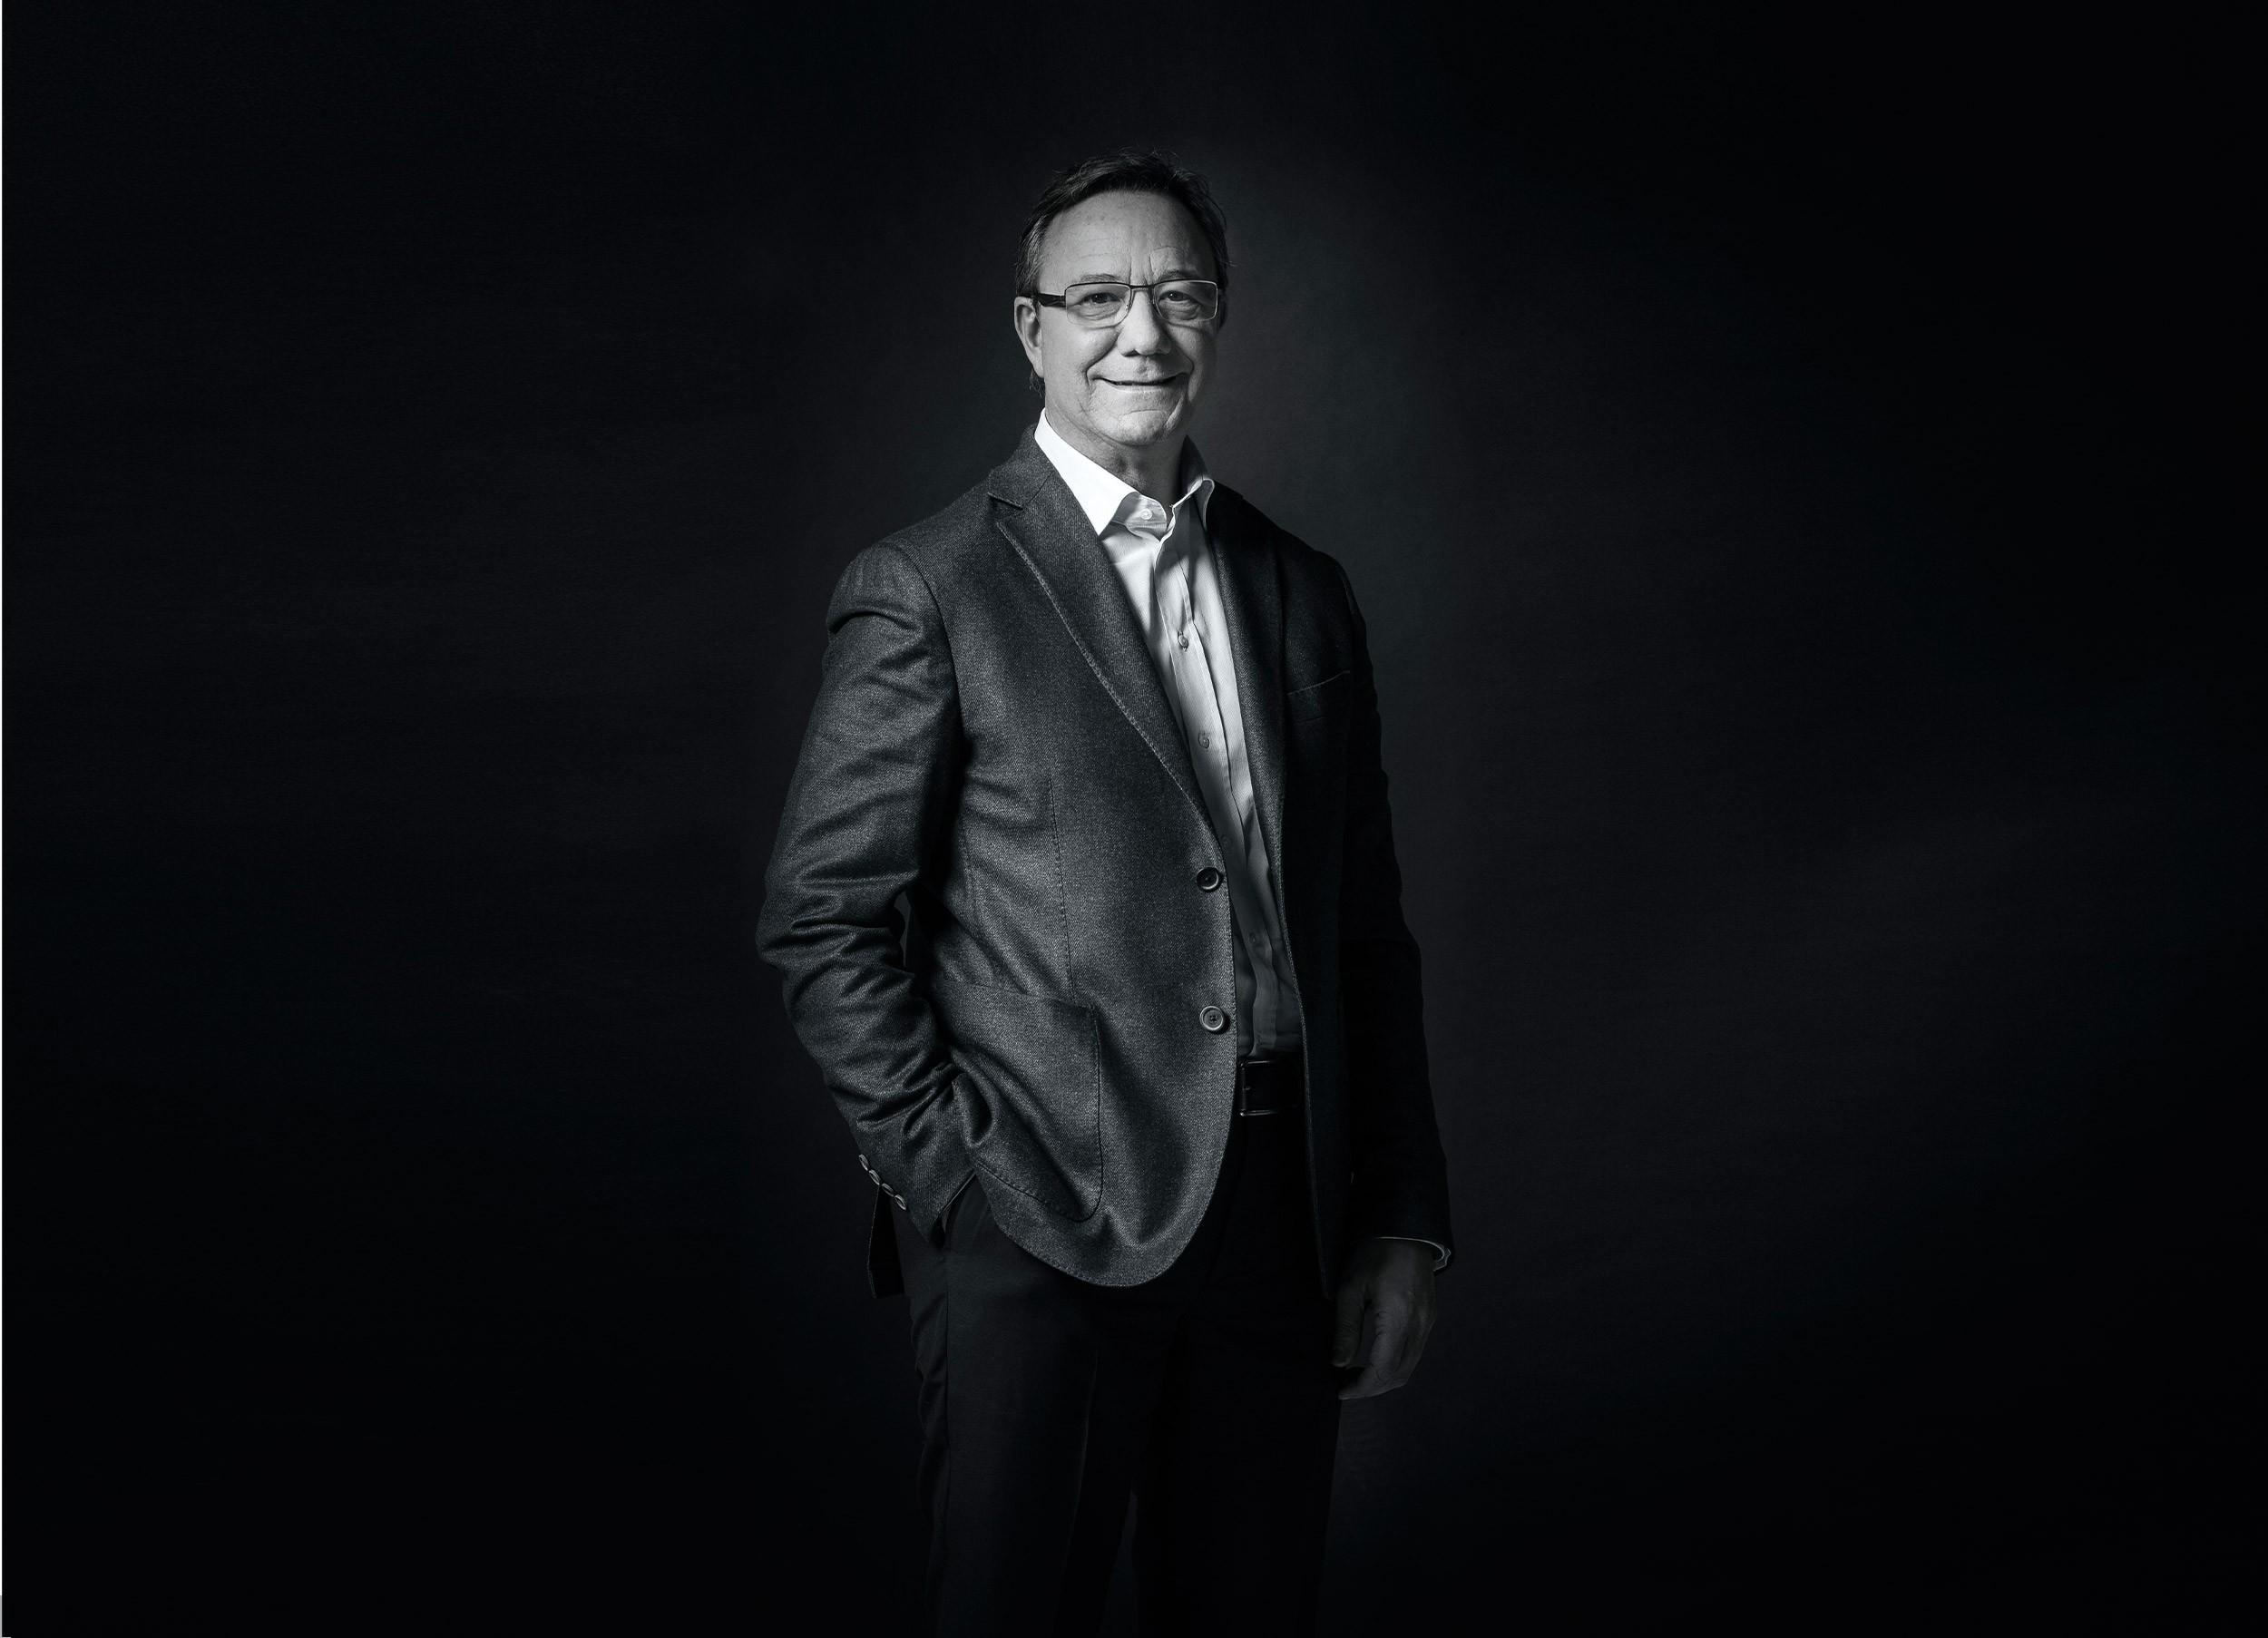 Juan Carlos Franquet